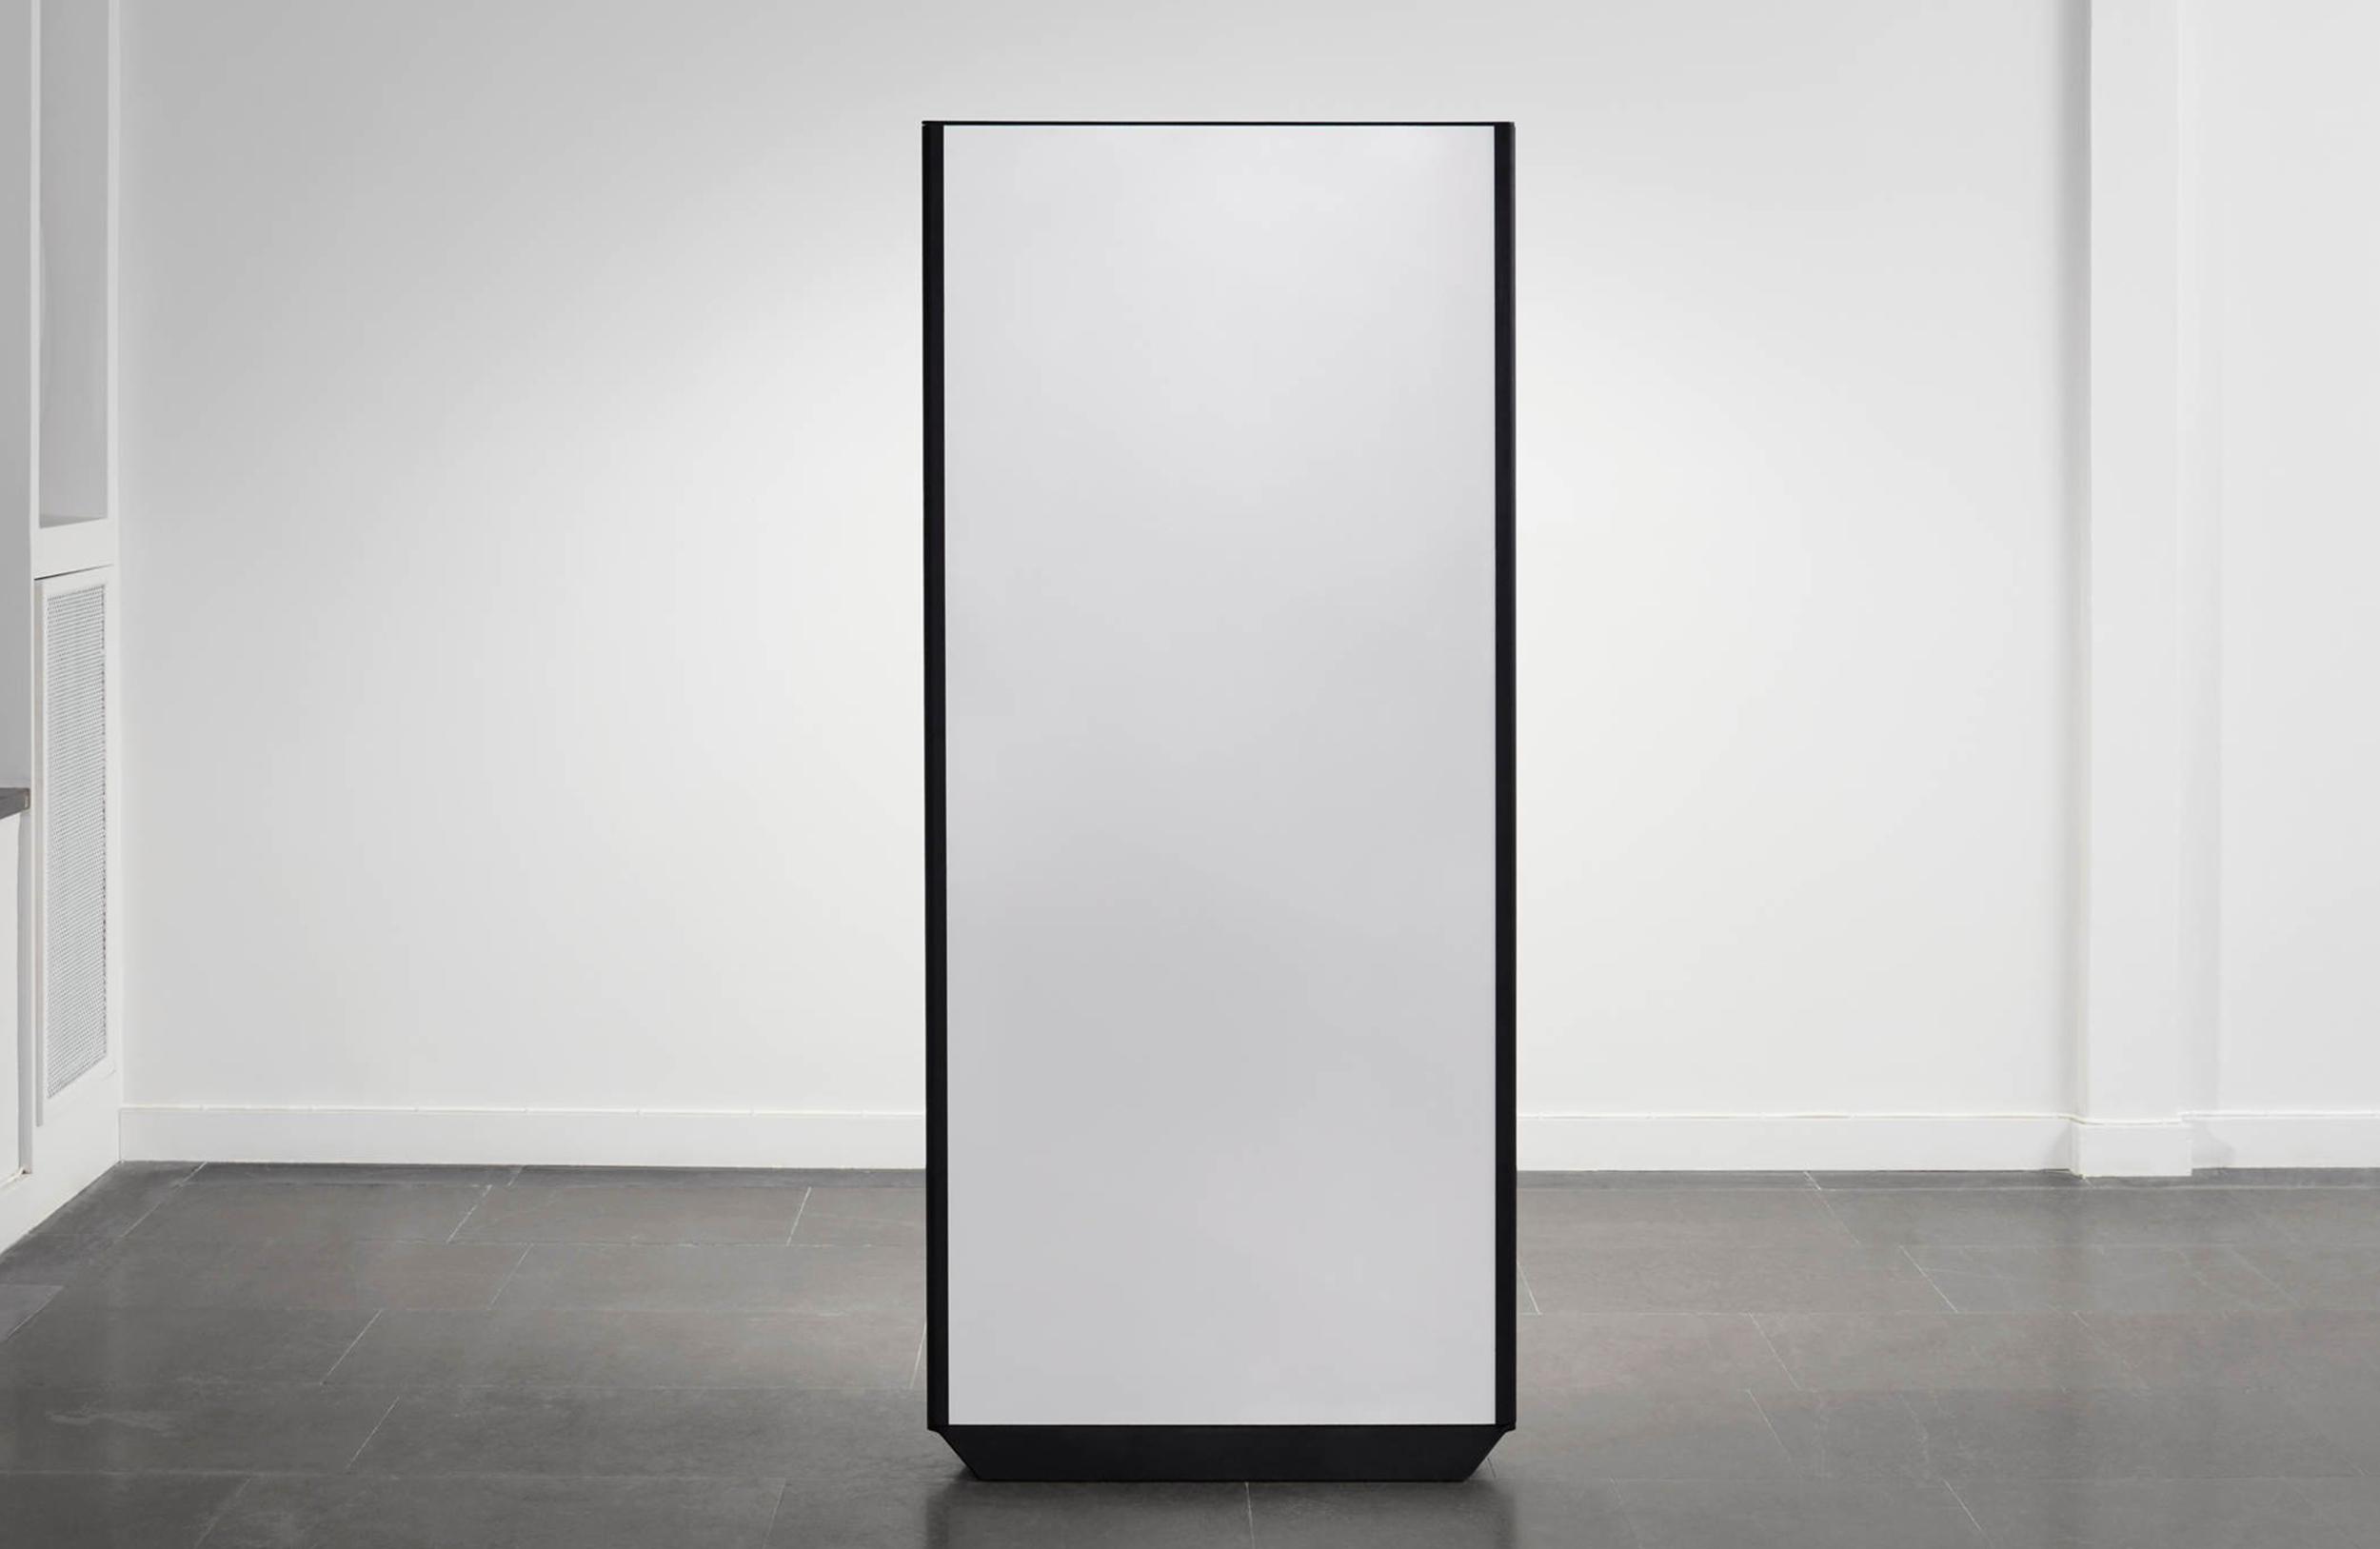 托马斯伯恩斯特兰德 Thomas Bernstrand| dB空间活动屏风 DB Space Movable Screen